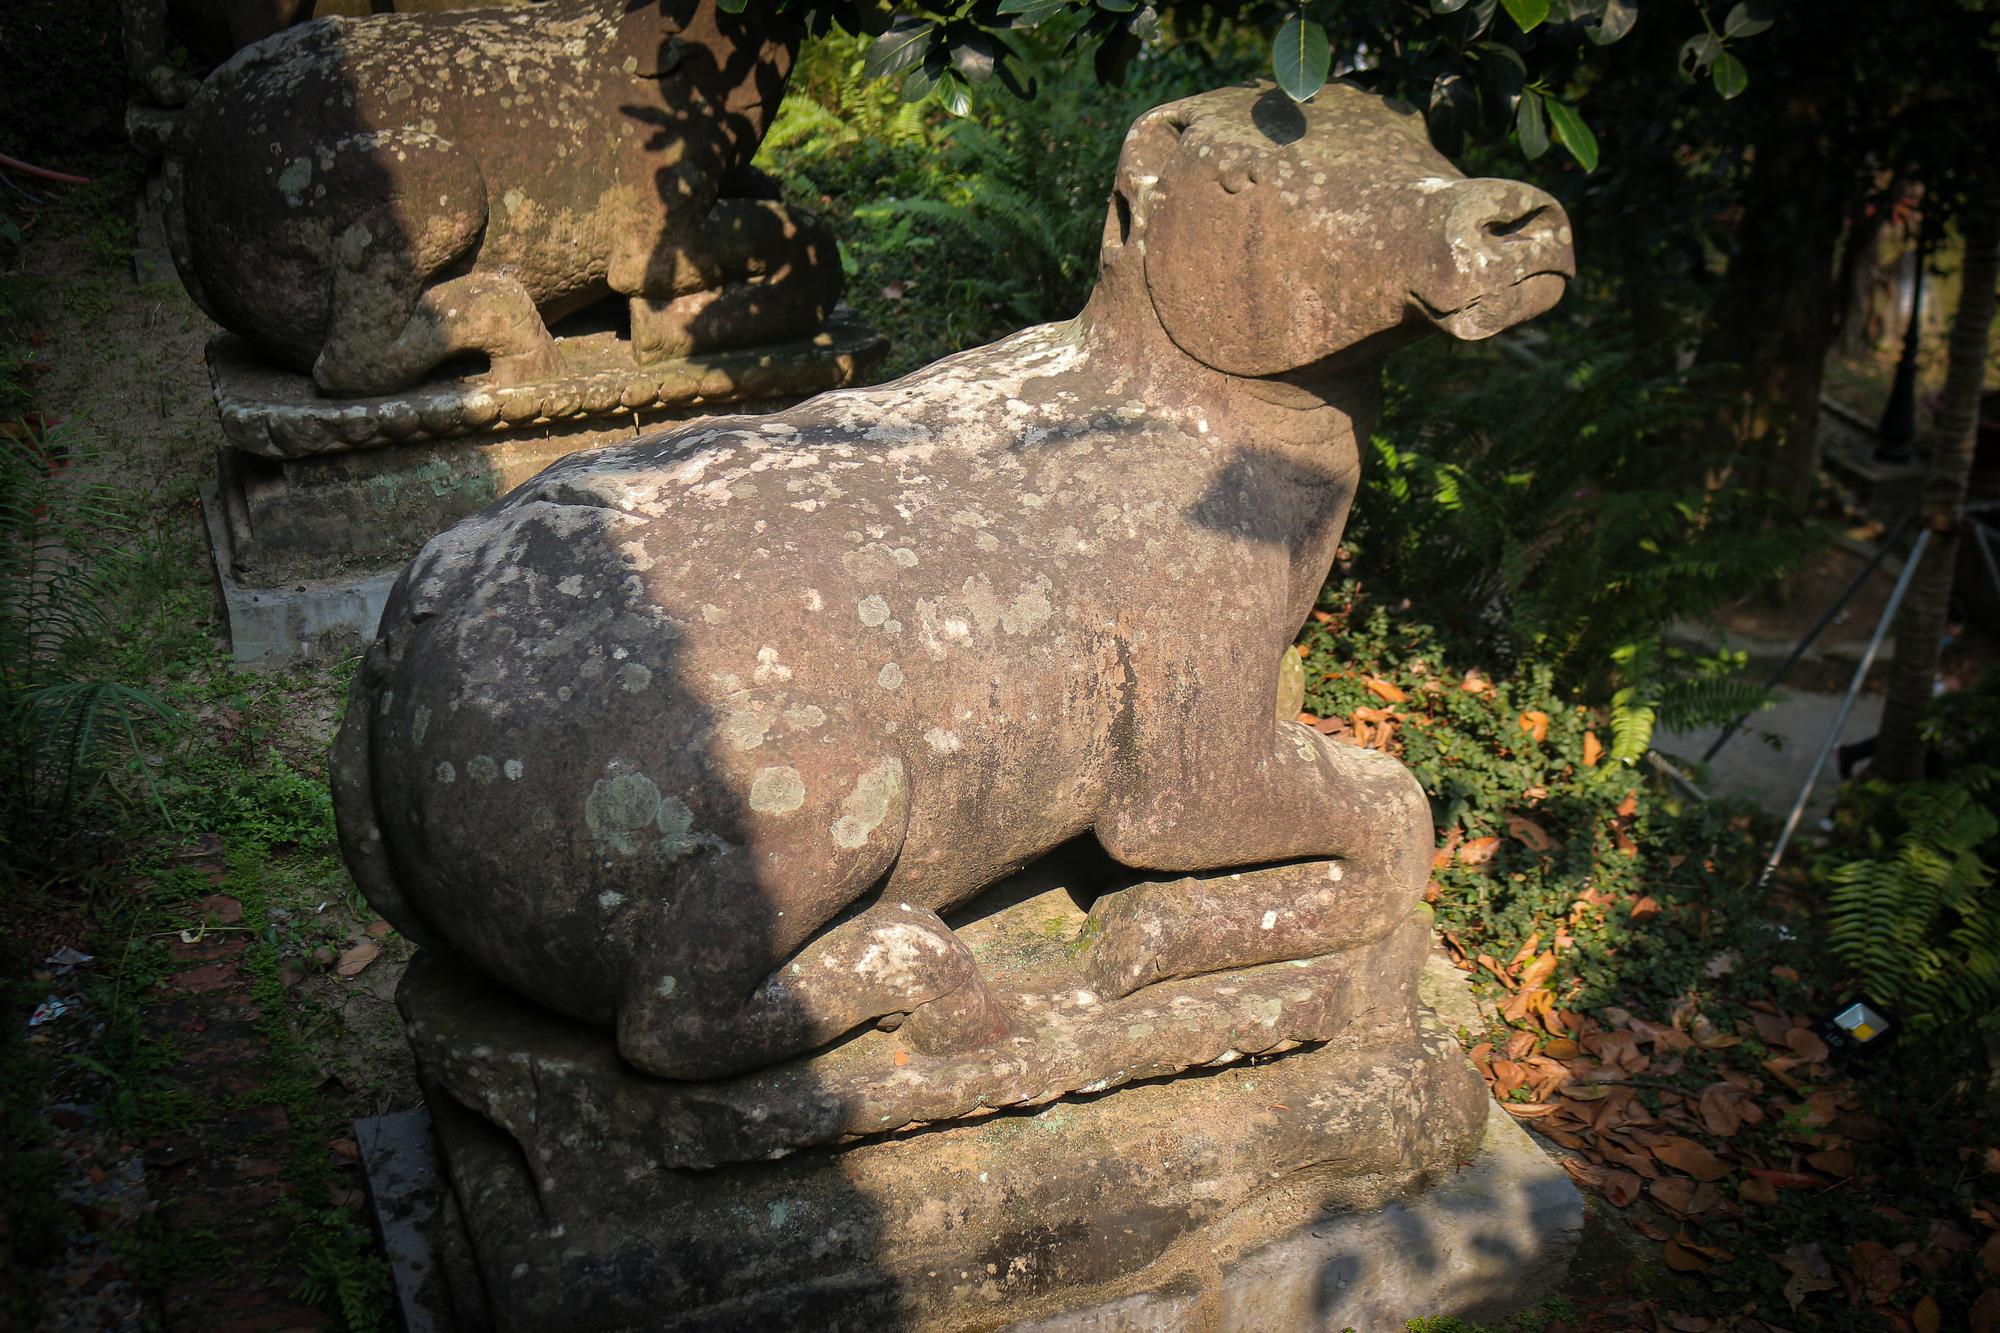 Bất ngờ ý nghĩa thực sự của bộ tượng linh thú nghìn tuổi ở chùa Phật Tích - Ảnh 6.